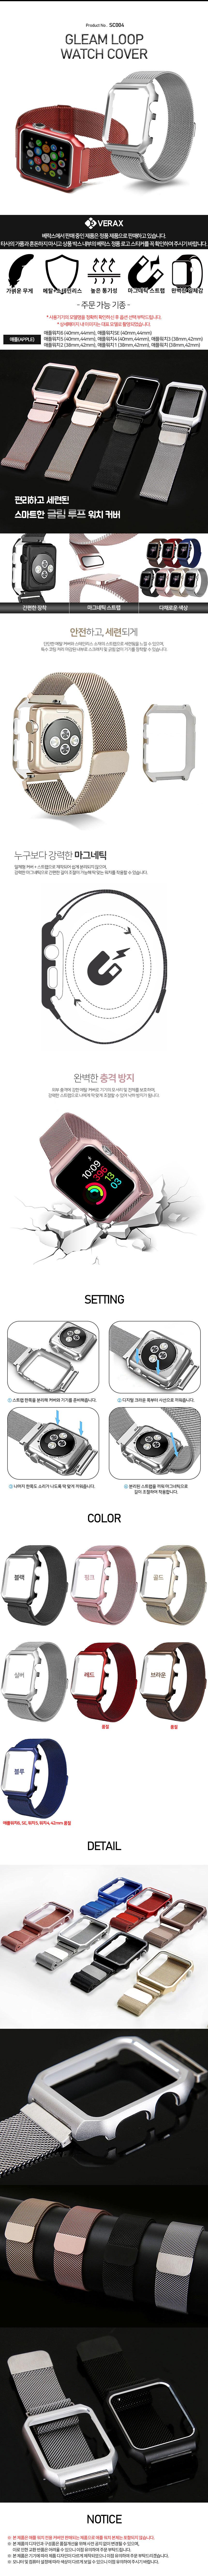 애플워치5 마그네틱 스트랩 케이스 SC004 - 주식회사 베켄, 28,500원, 스마트워치/밴드, 스마트워치 주변기기